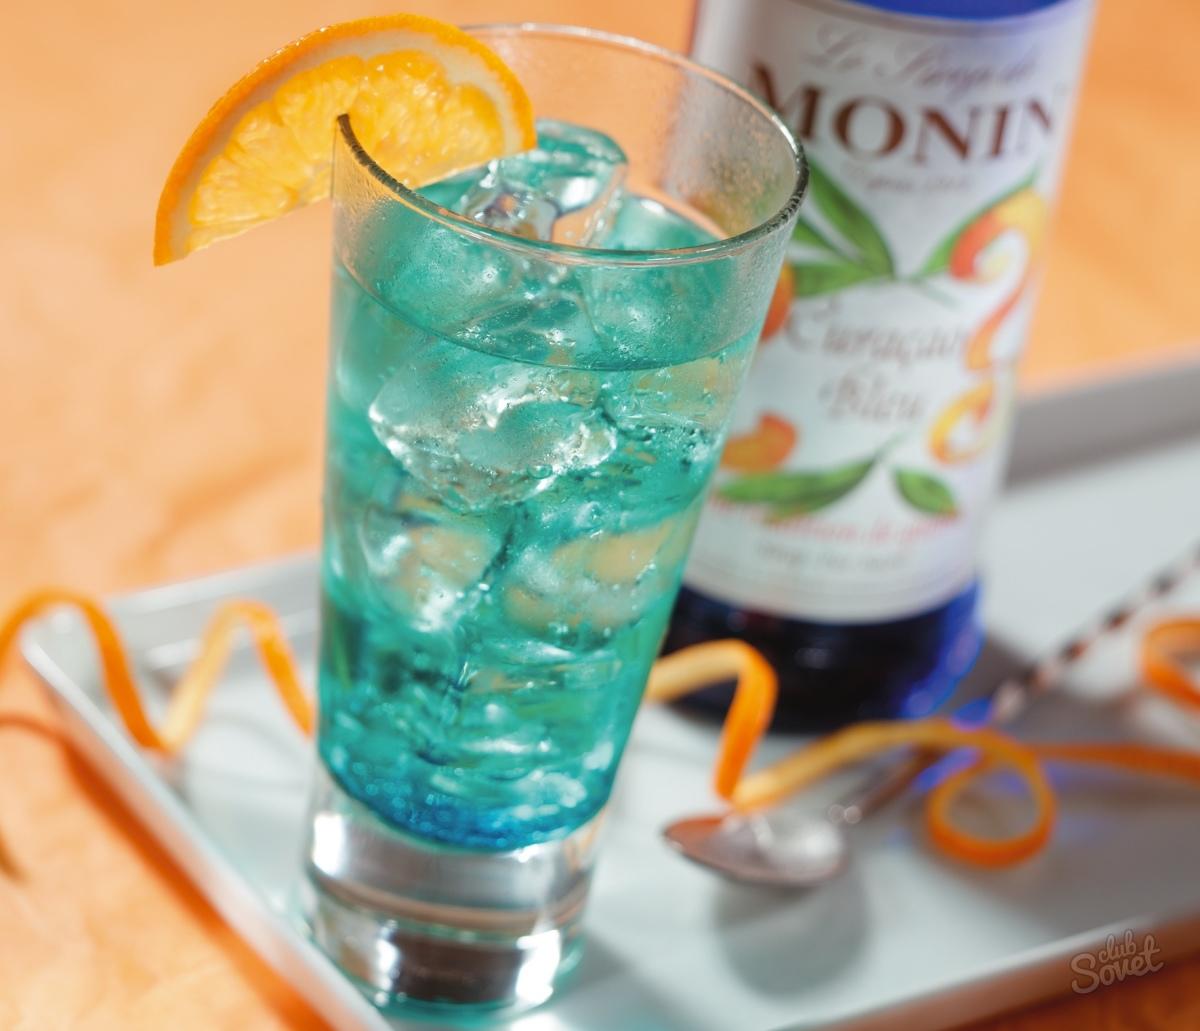 Как сделать коктейль голубая лагуна, рецепт - Рецепты - Wday 68